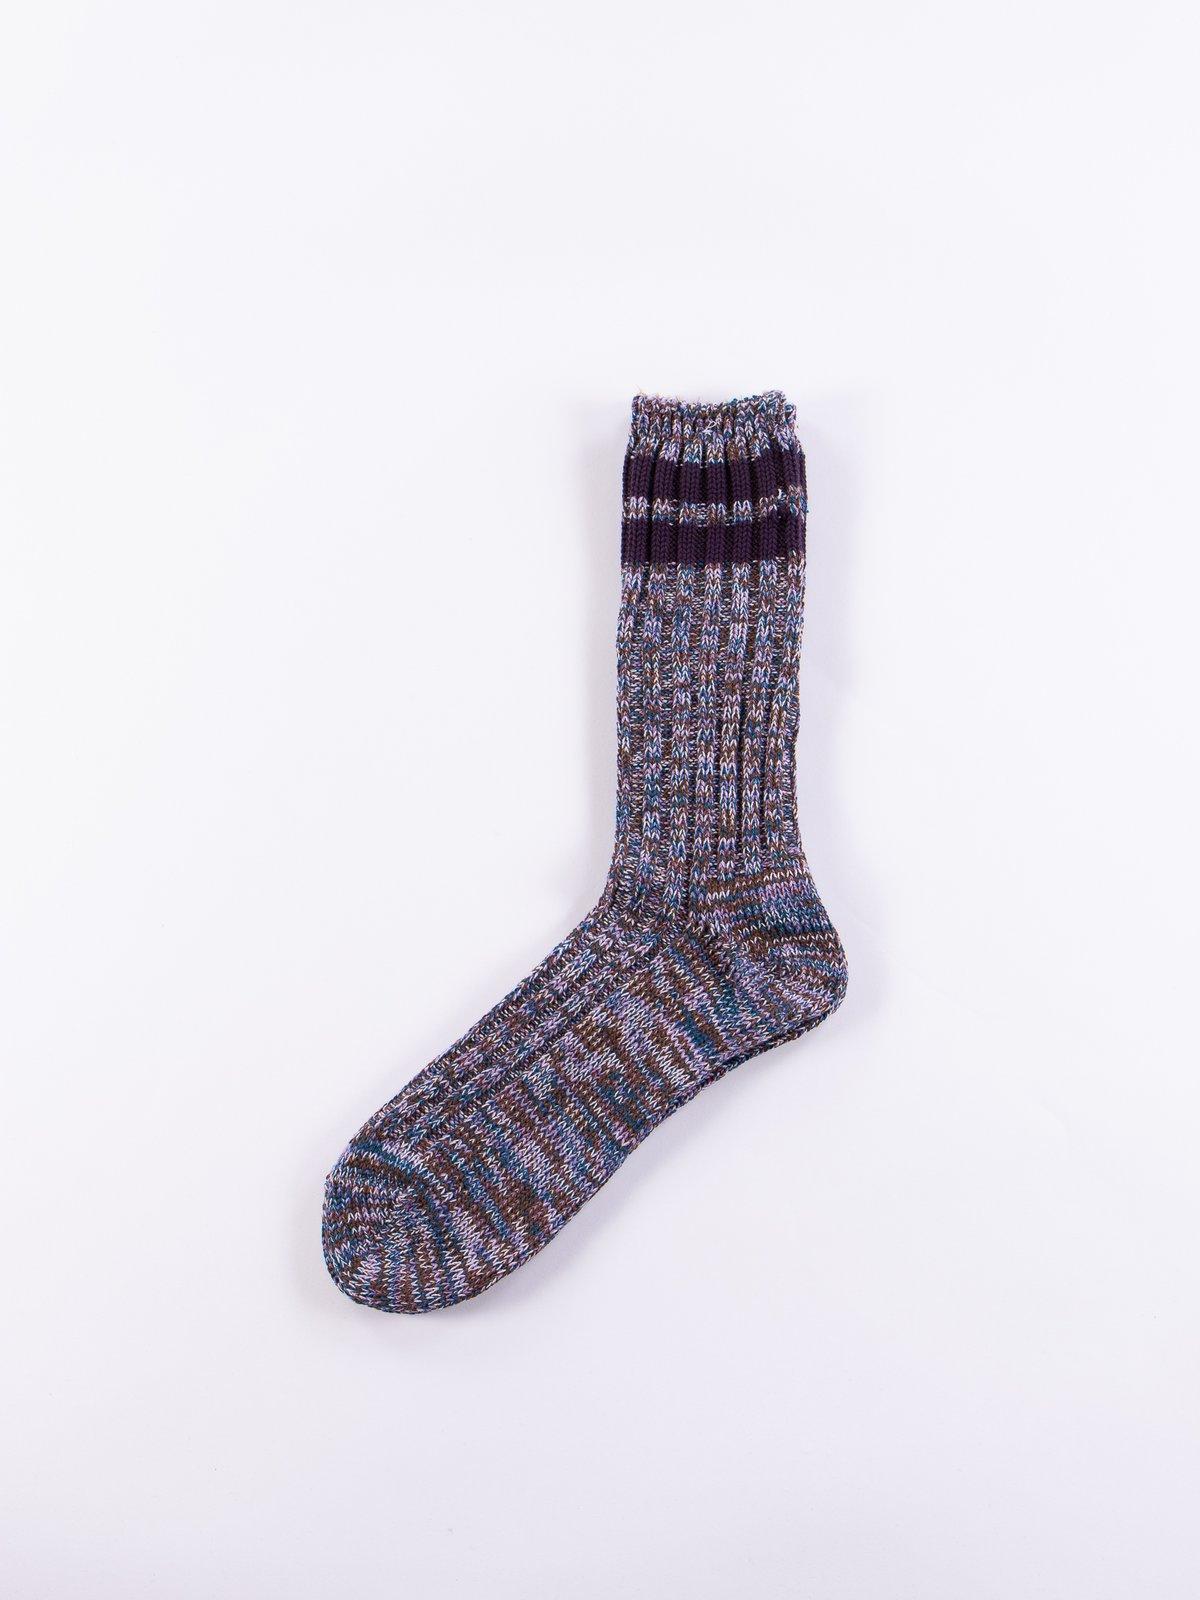 Blue/Purple 2 Line Rib Crew Socks - Image 1